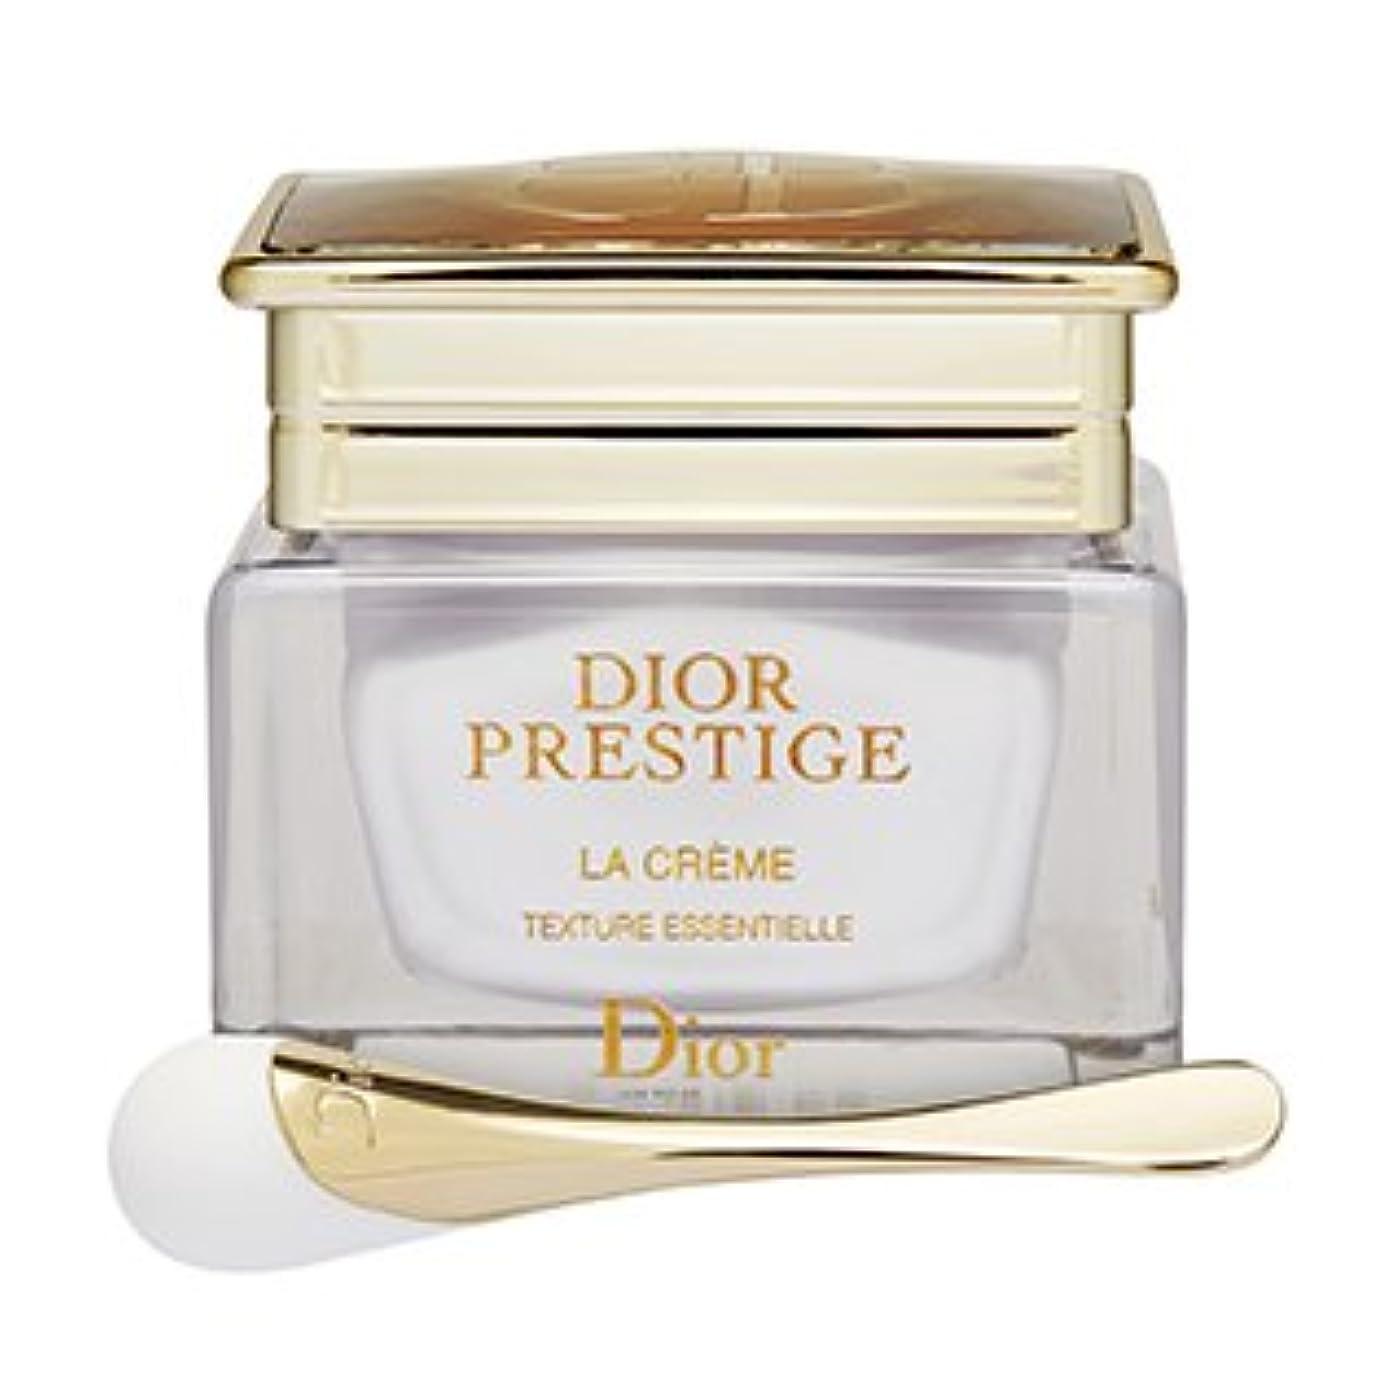 部屋を掃除する残り余計なディオール(Dior) プレステージ ラ クレーム - 極上のテクスチャー [並行輸入品]